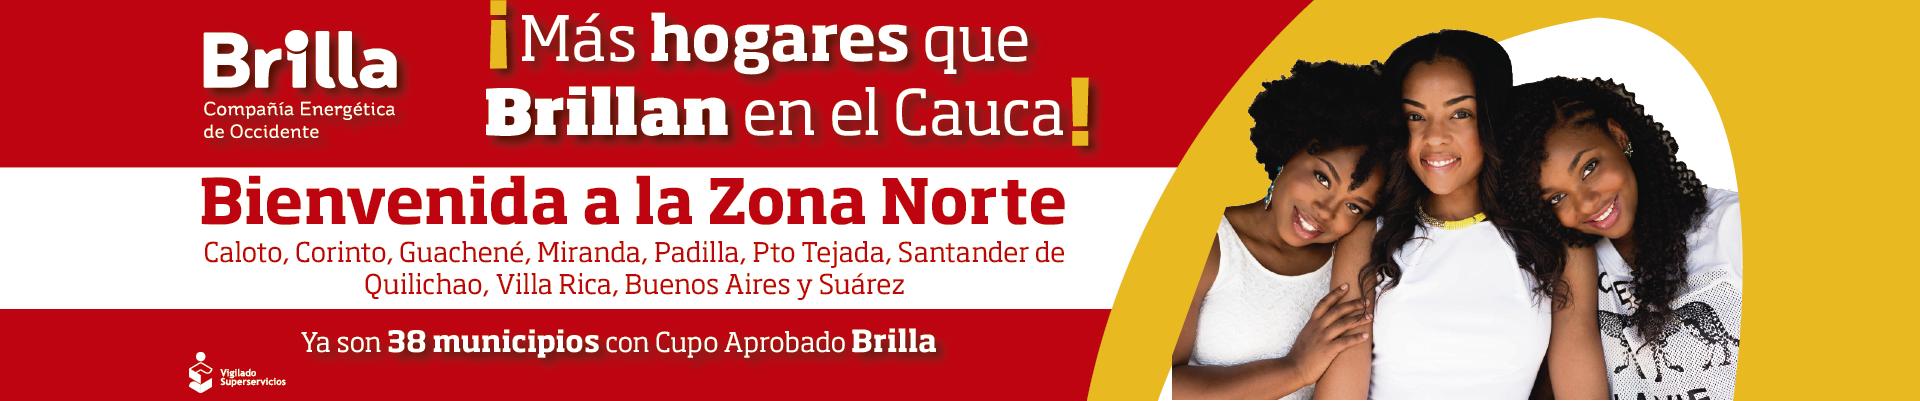 Brilla ahora está en más municipios del Cauca